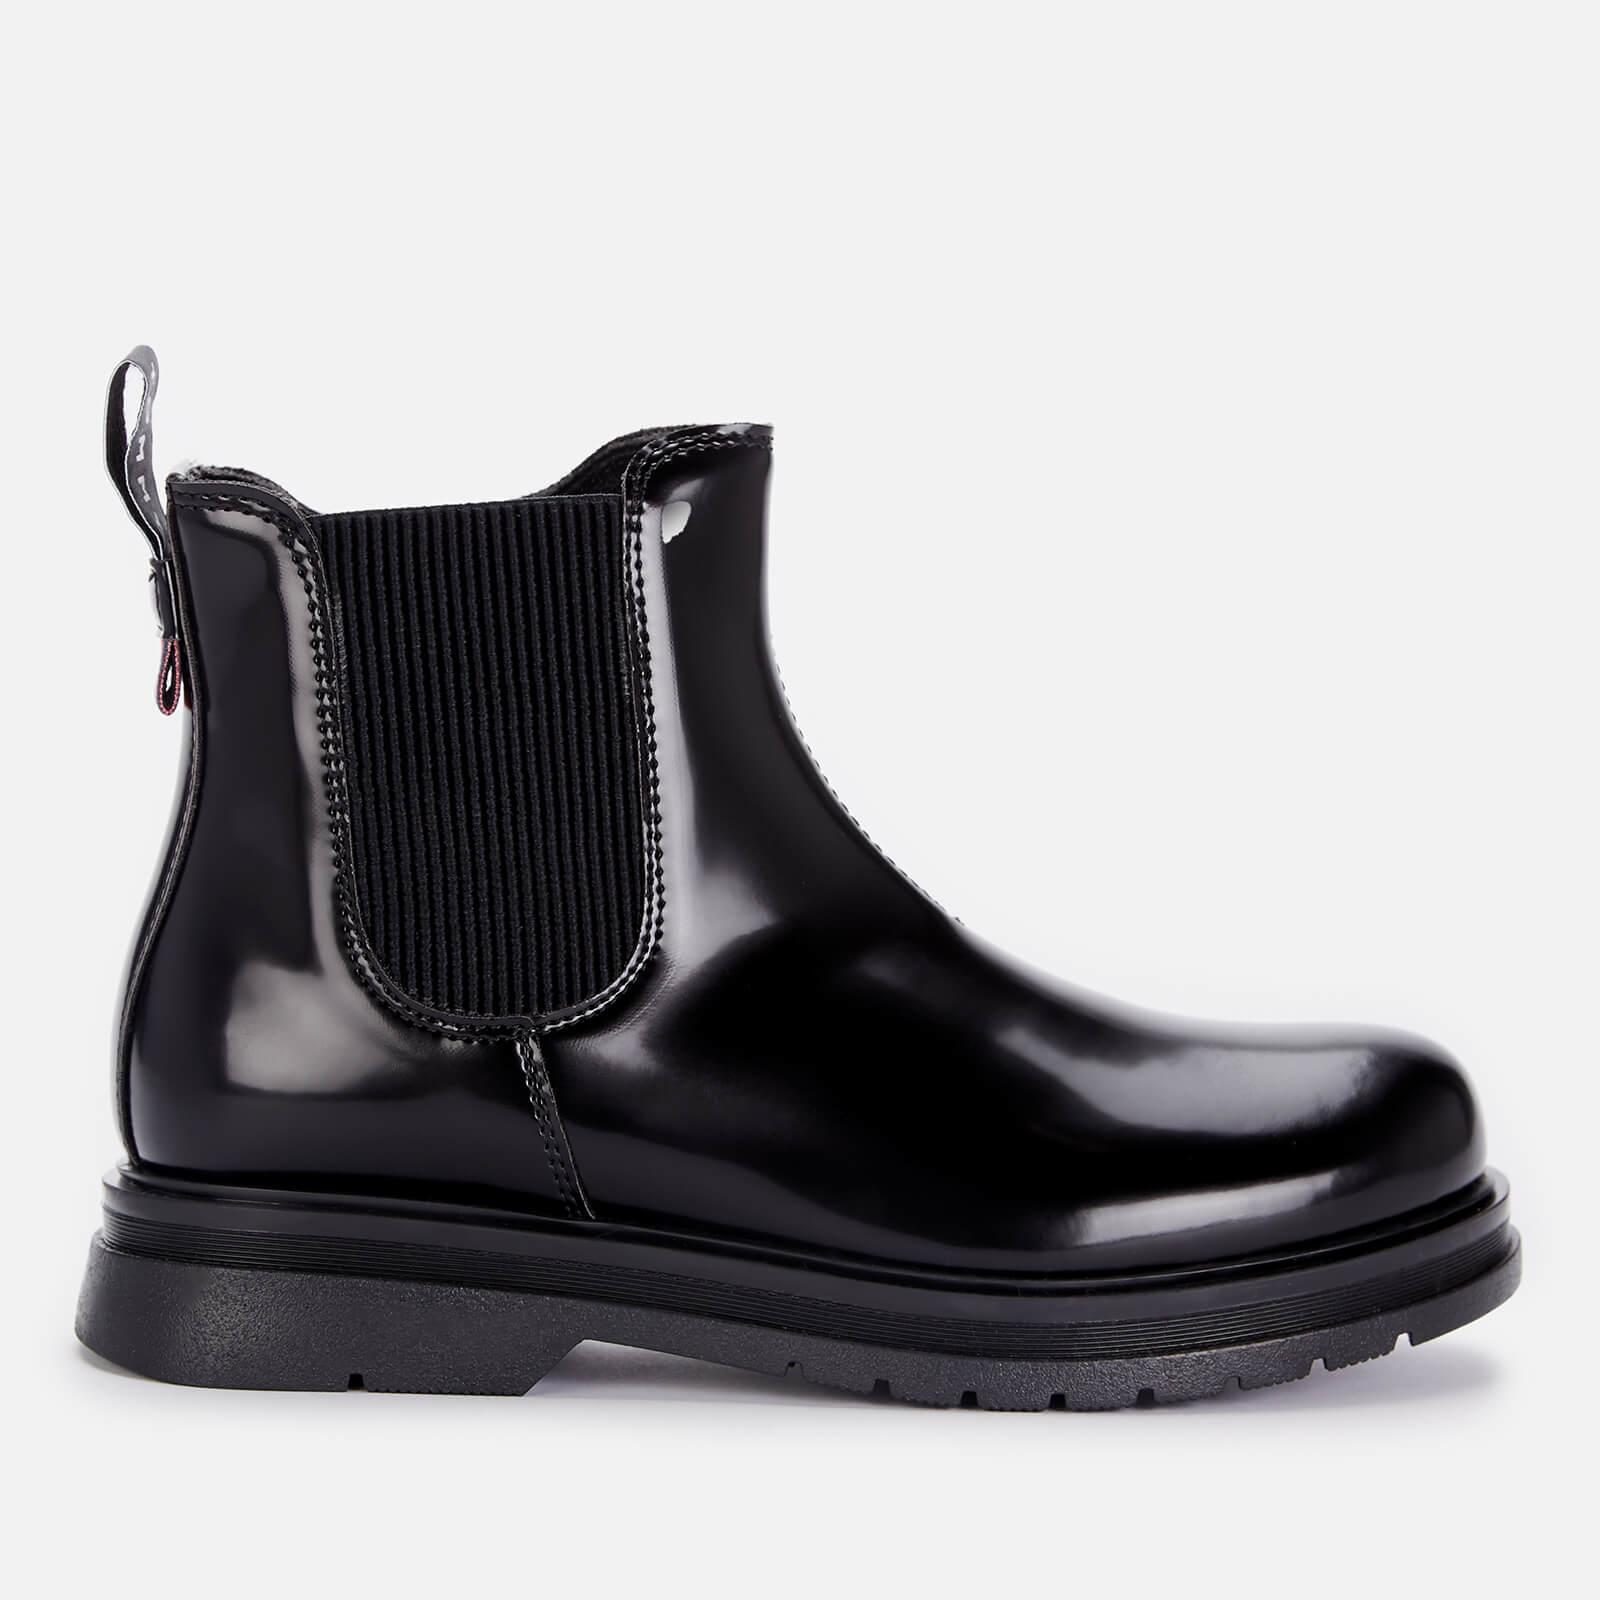 Tommy Hilfiger Girls' Chelsea Boot Black Black - UK 13 Kids